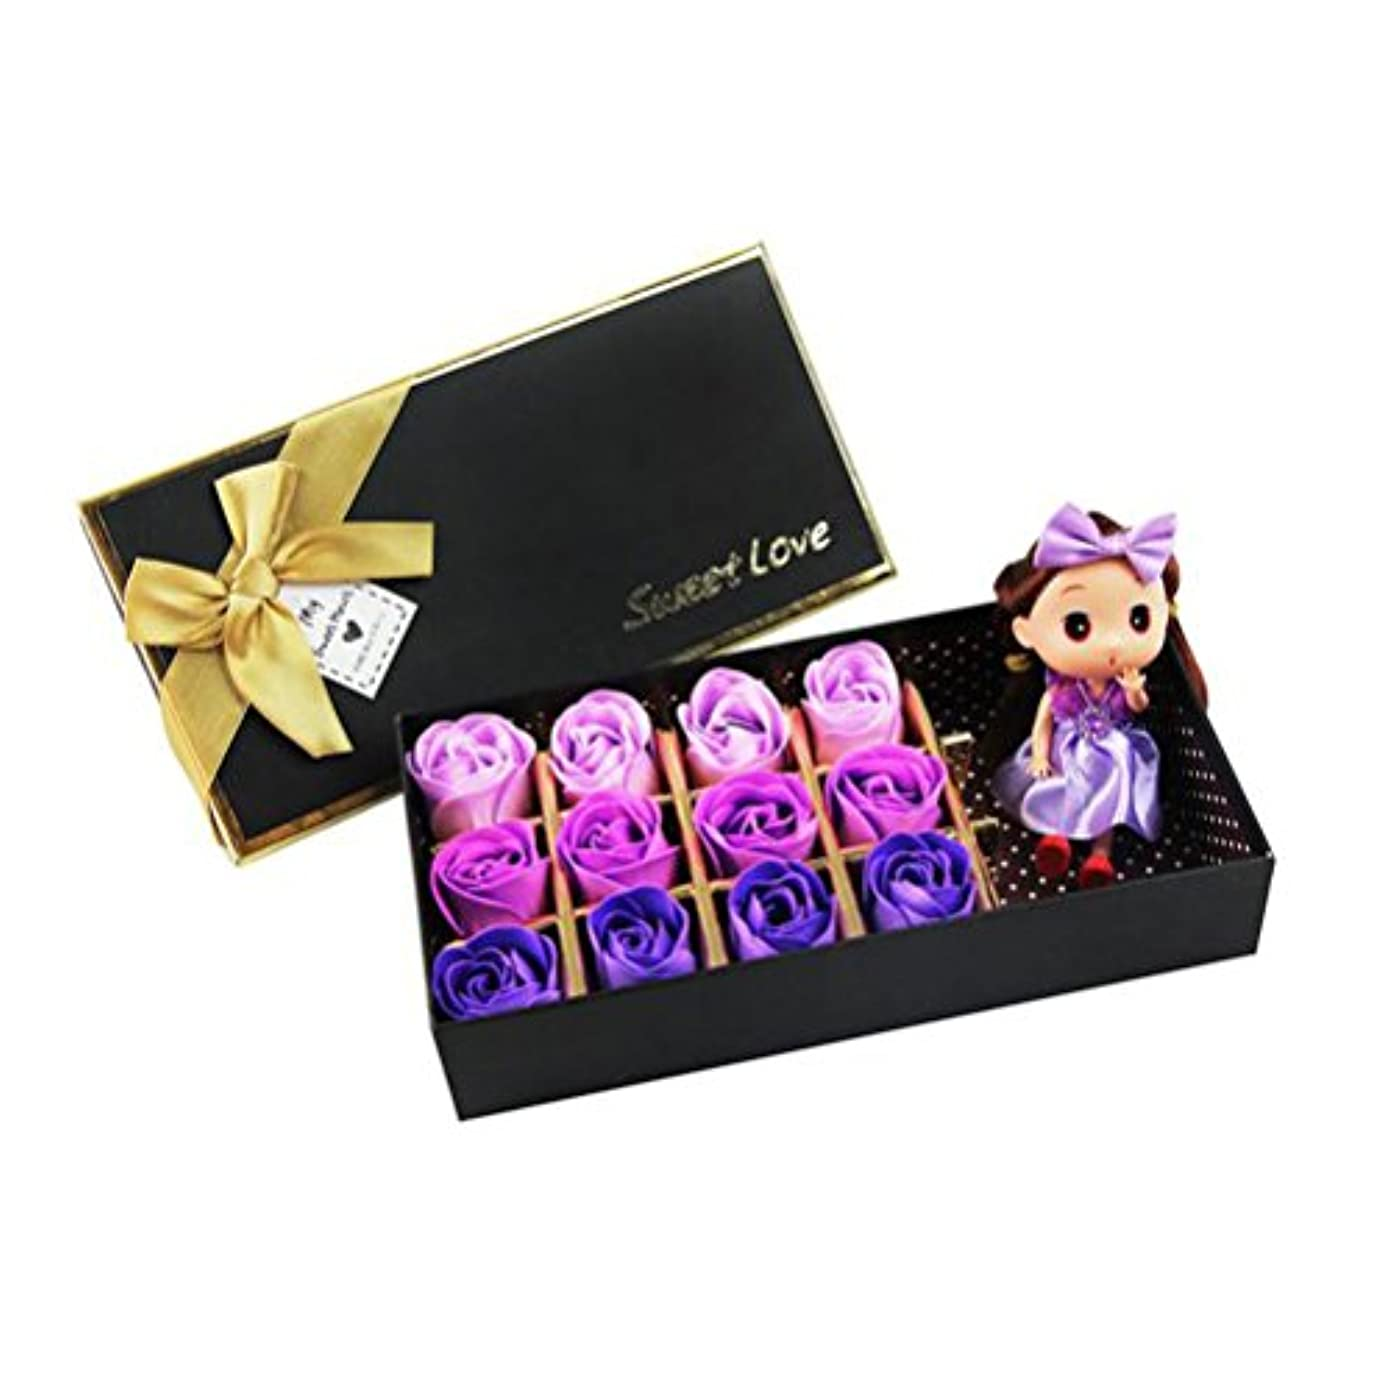 膨張する援助保有者ROSENICE 香り バラ 花 お風呂 石鹸 ギフトボックス (紫)